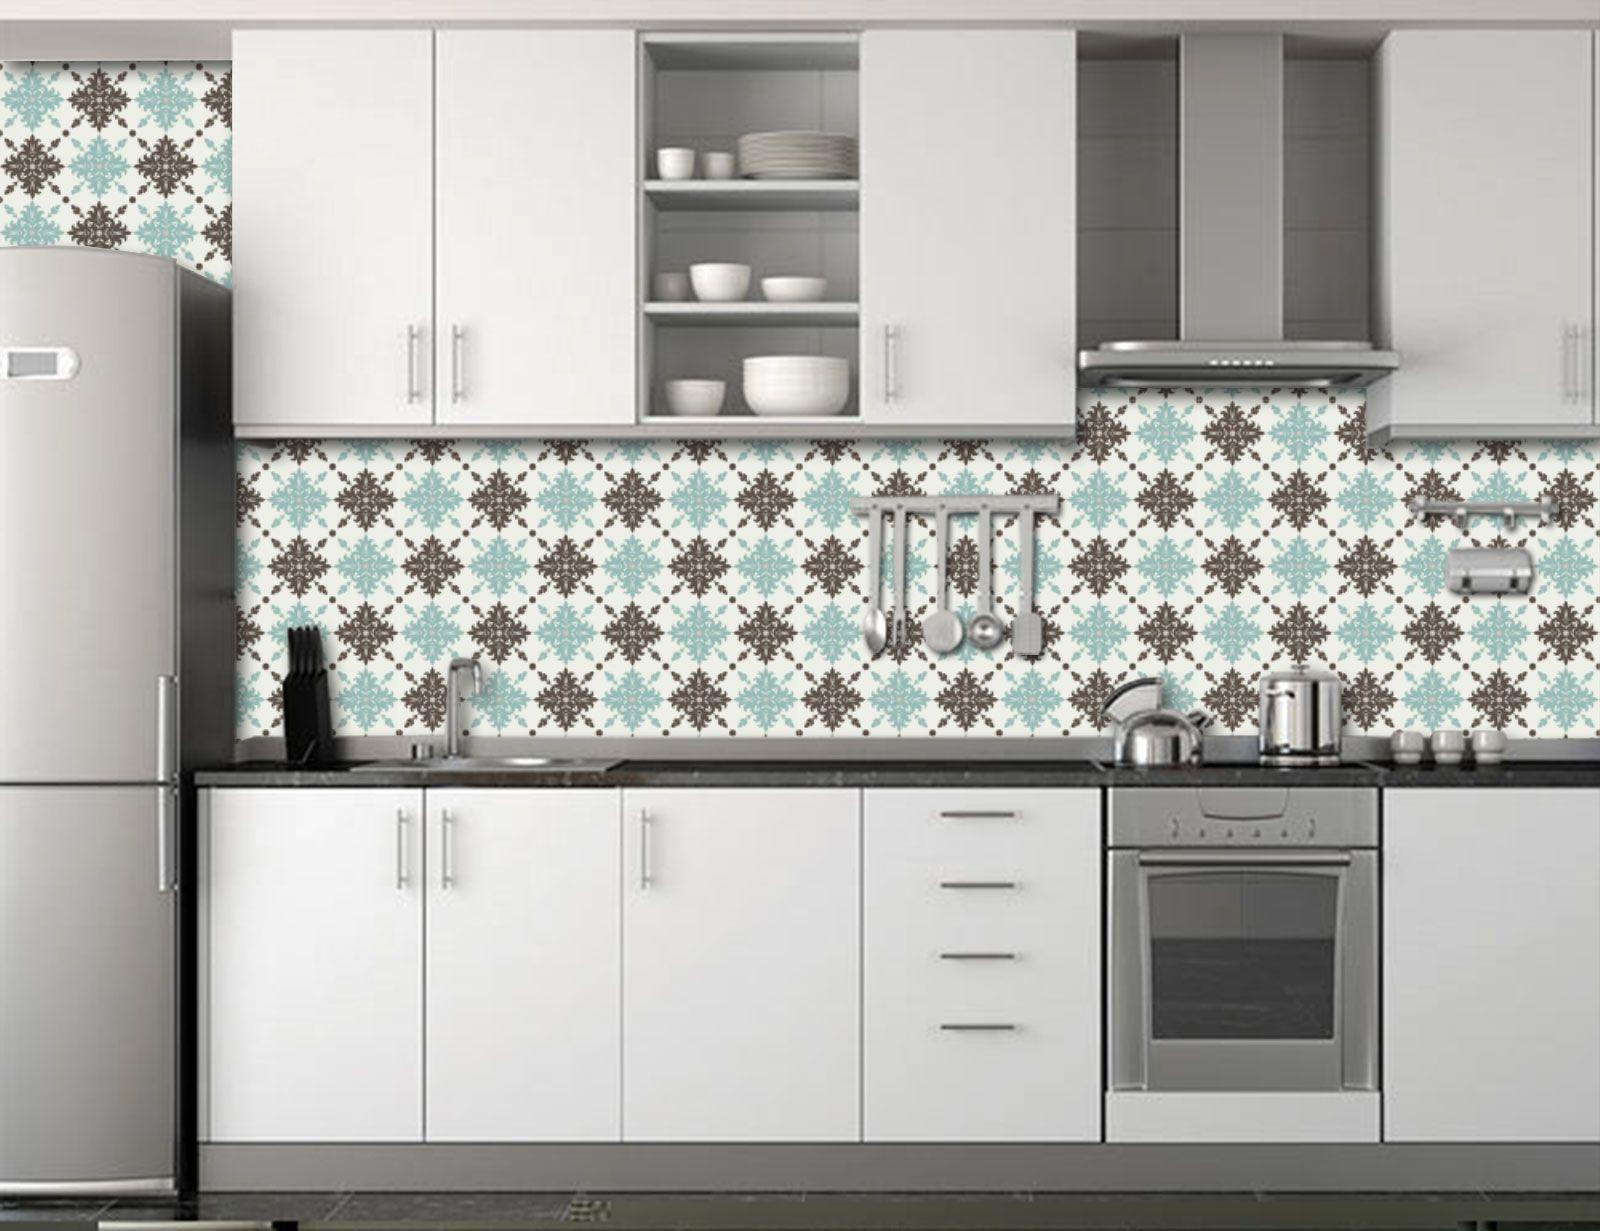 Papel de Parede para Cozinha Azulejos 0013 - Adesivos de Parede